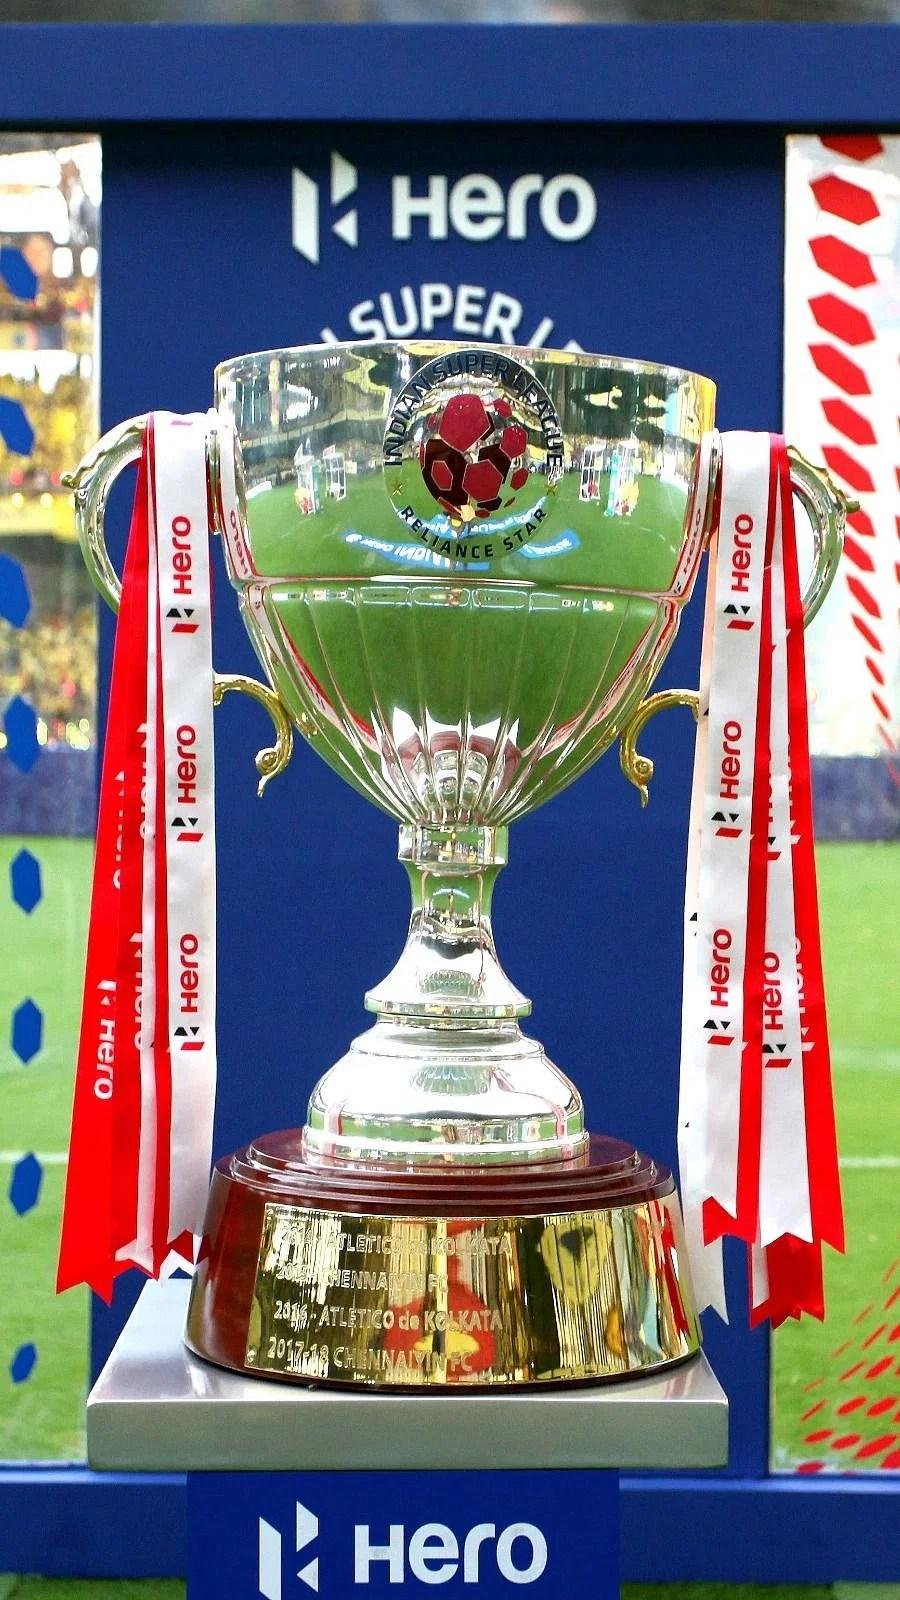 Bagan Liga Champion : bagan, champion, Opinion:, Mumbai, Mohun, Bagan, Reaching, Final, Shows, League, Transfer, Market